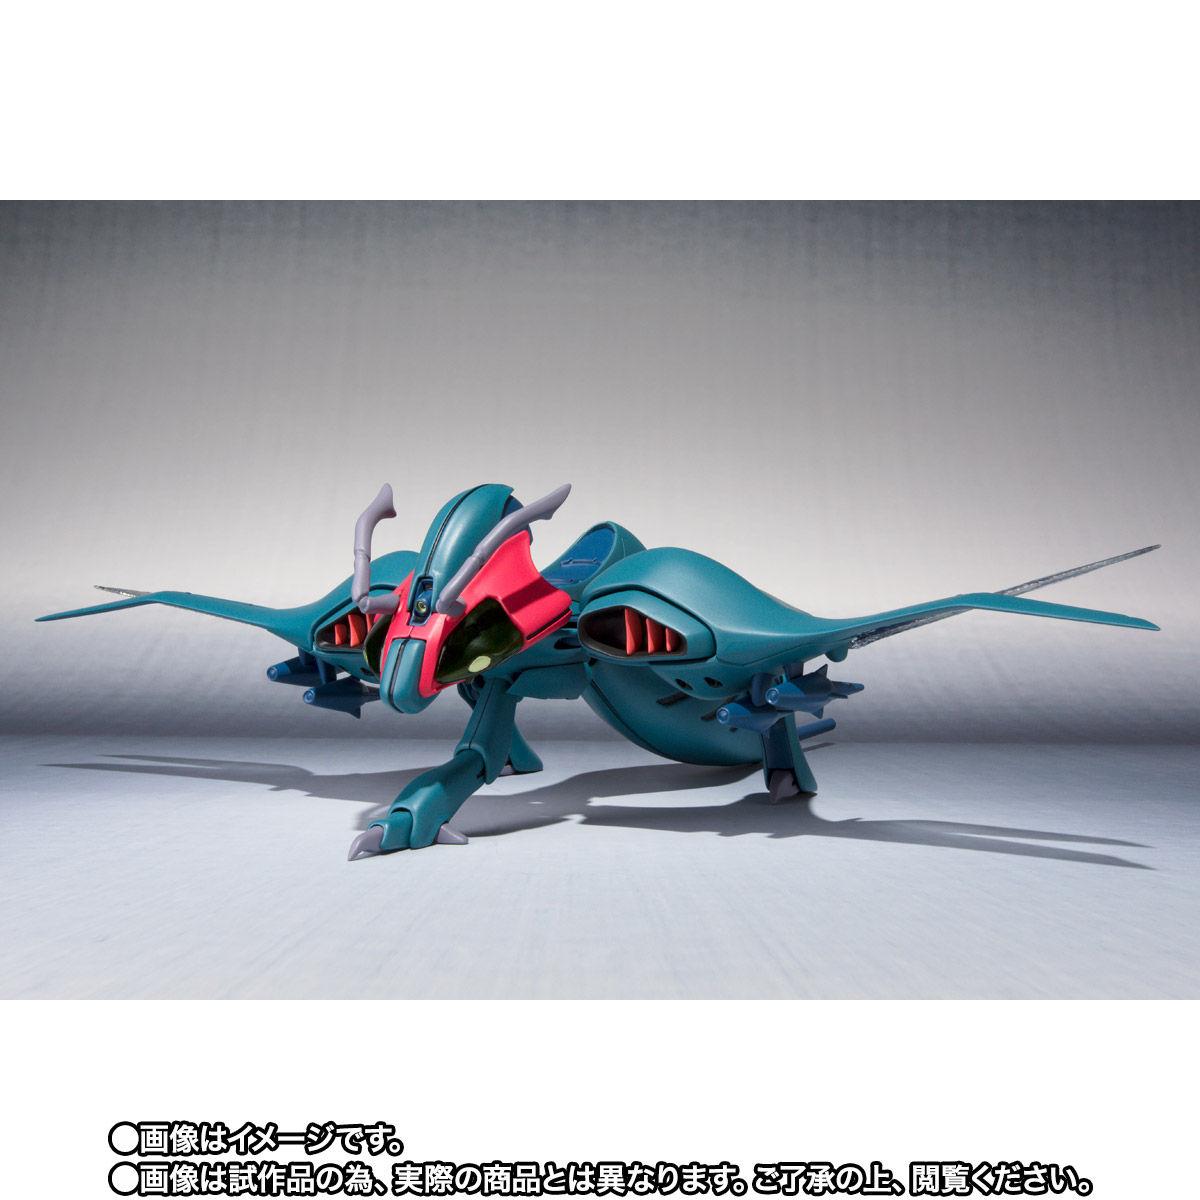 【限定販売】ROBOT魂〈SIDE AB〉『バラウ』可動フィギュア-004